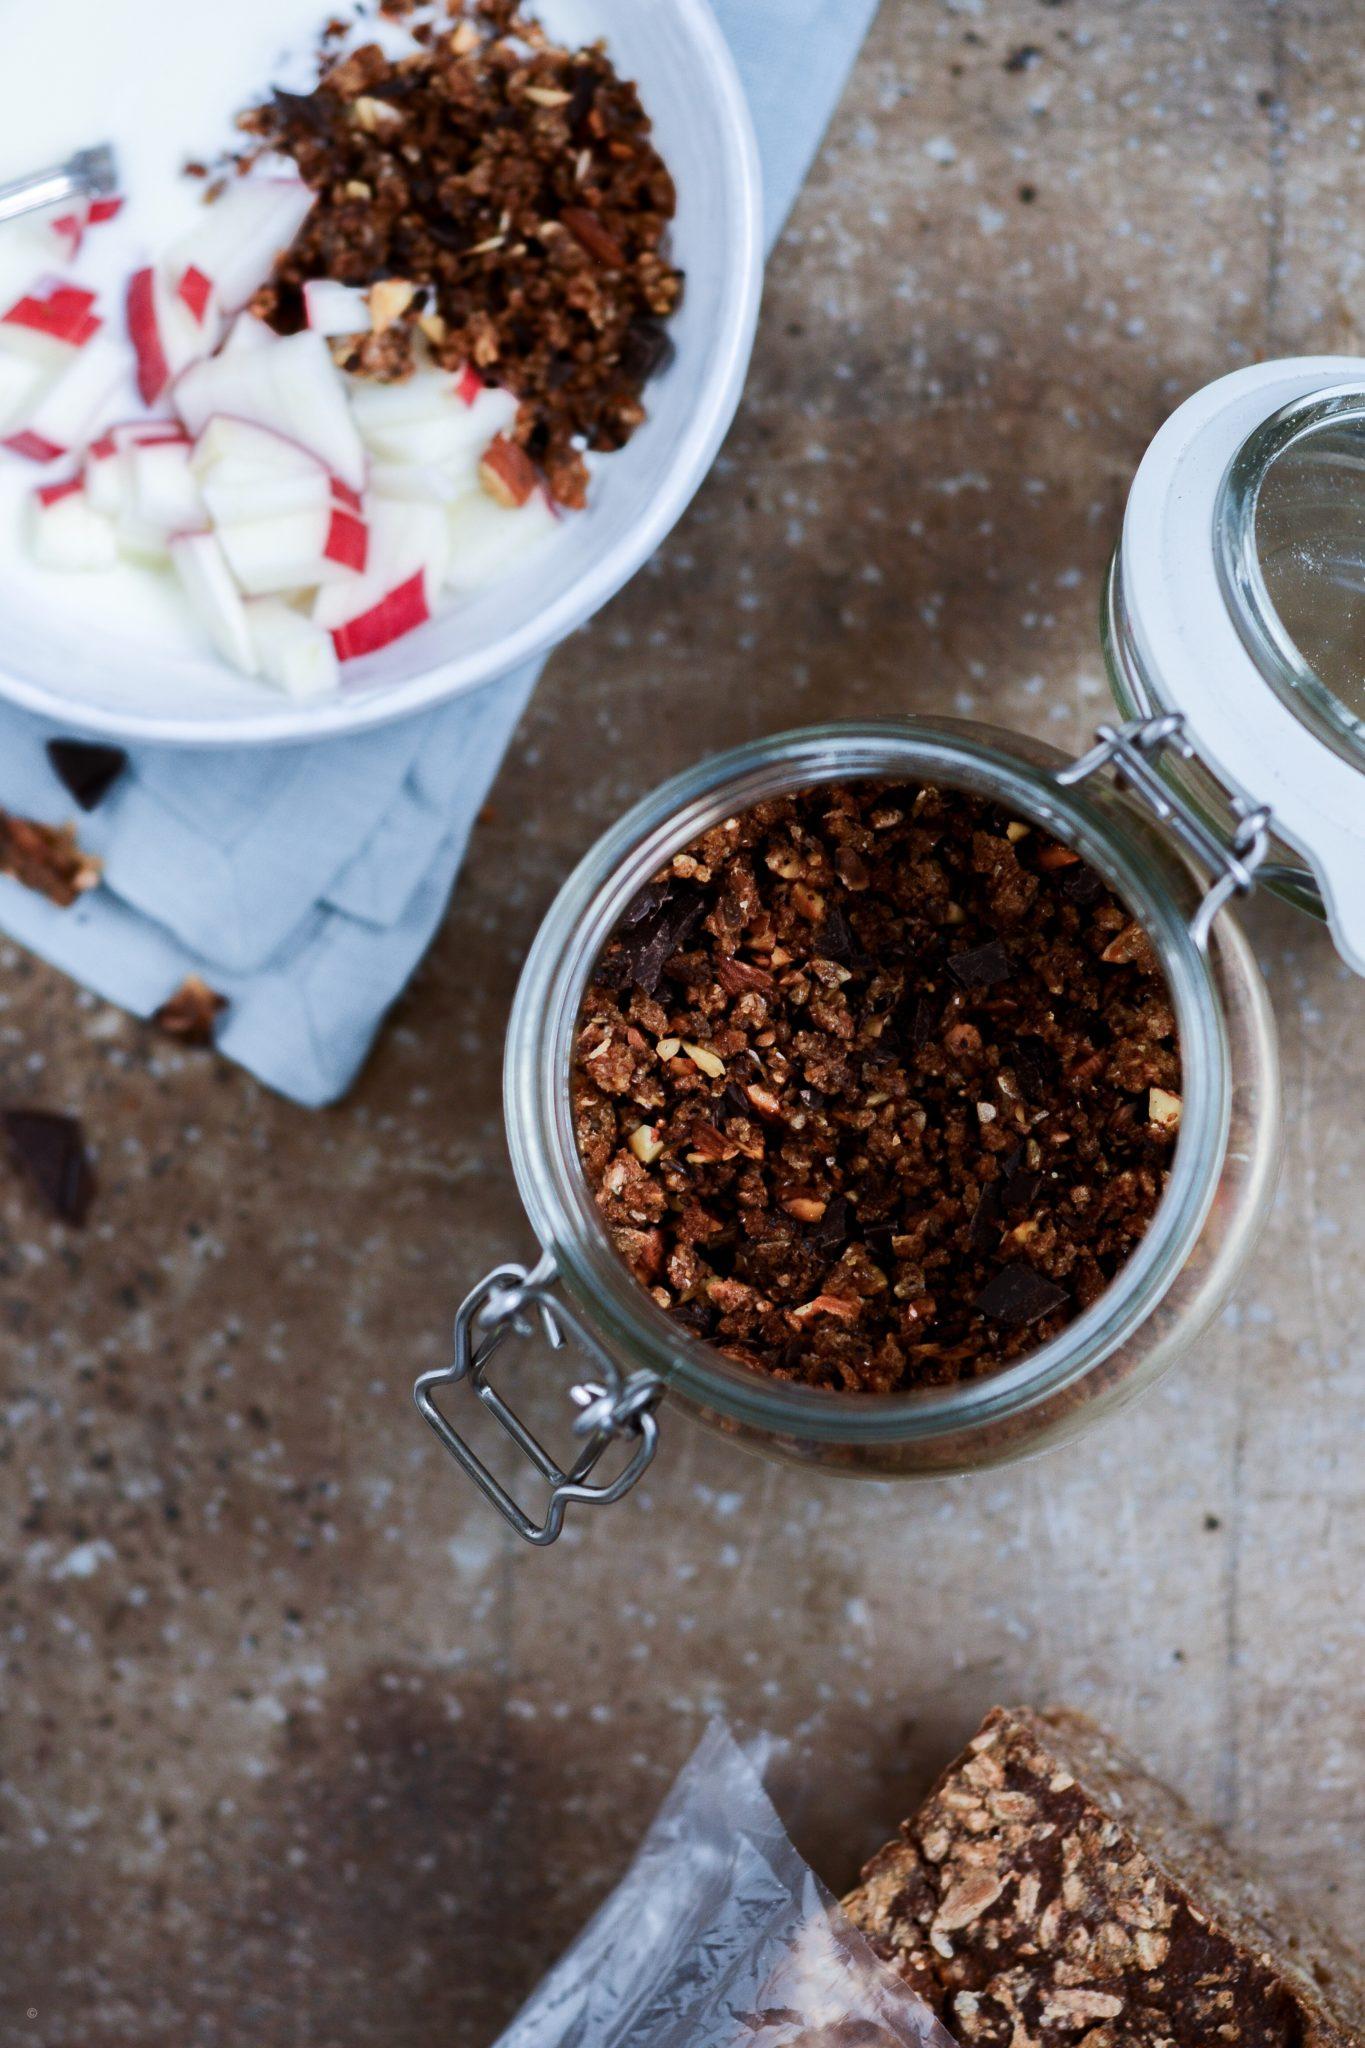 rugbrødsknas med mandler og mørk chokolade til morgenmaden